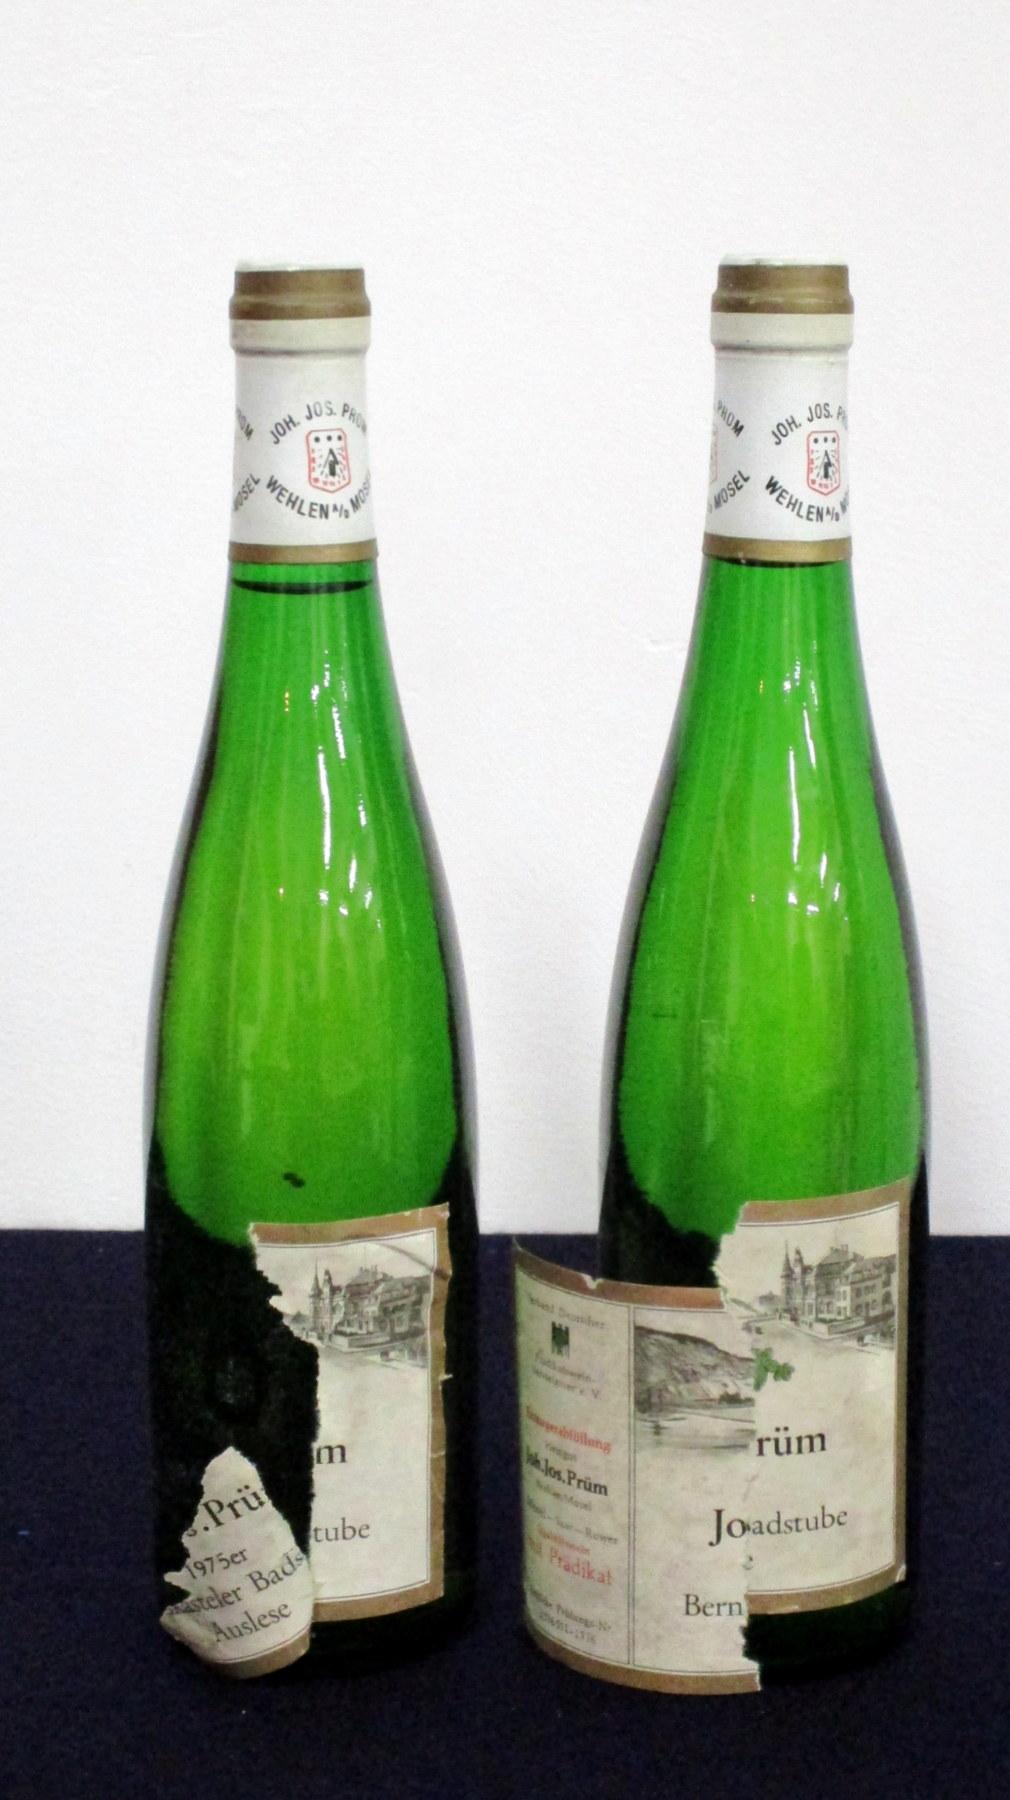 2 bts Joh. Jos Prüm Bernkasteler Badstube Auslese 1975 aged/torn/ loose/pt dis labels